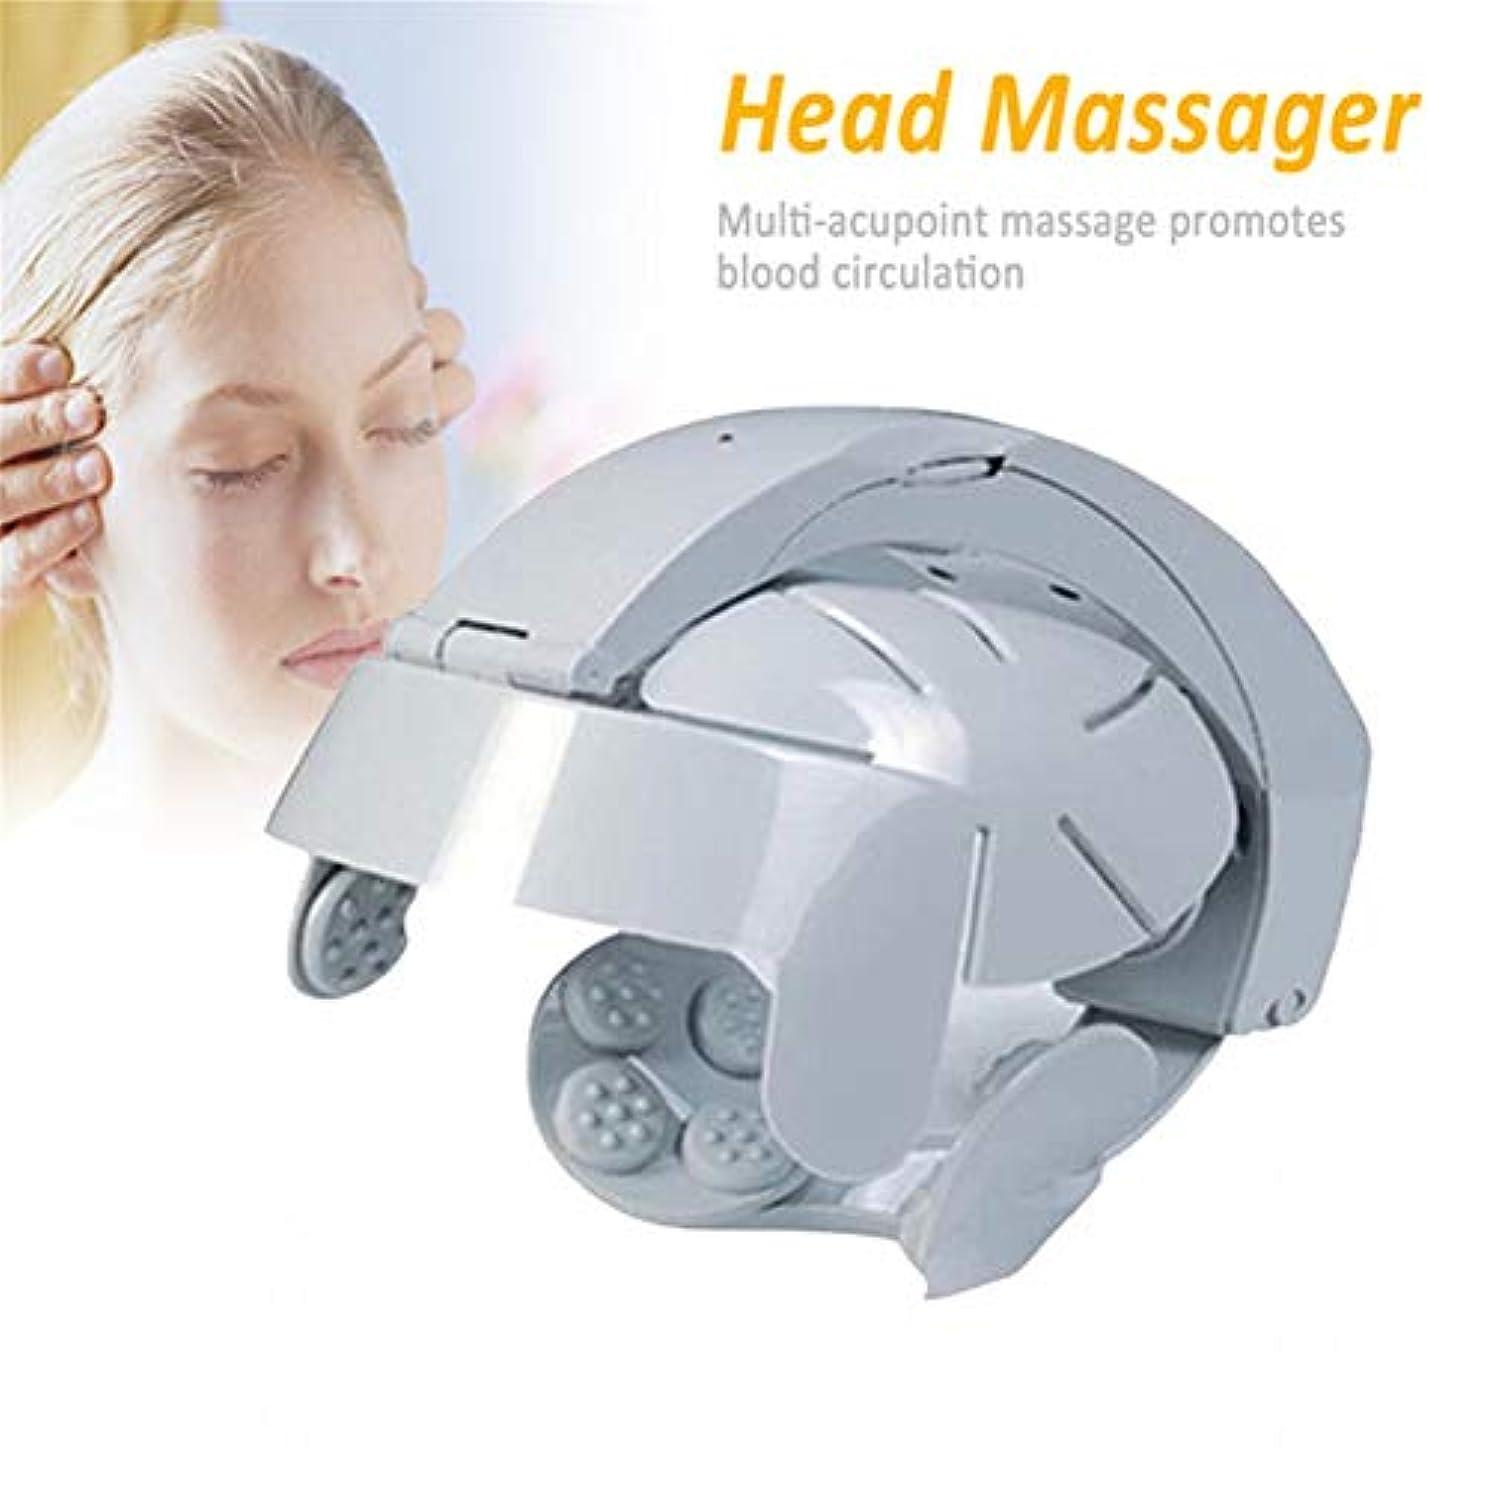 抱擁並外れた抑止する電動ヘッドマッサージ器指圧ヘルメットヘッドマッサージ器で振動を緩和ストレス神経刺激を緩和して頭痛を和らげます